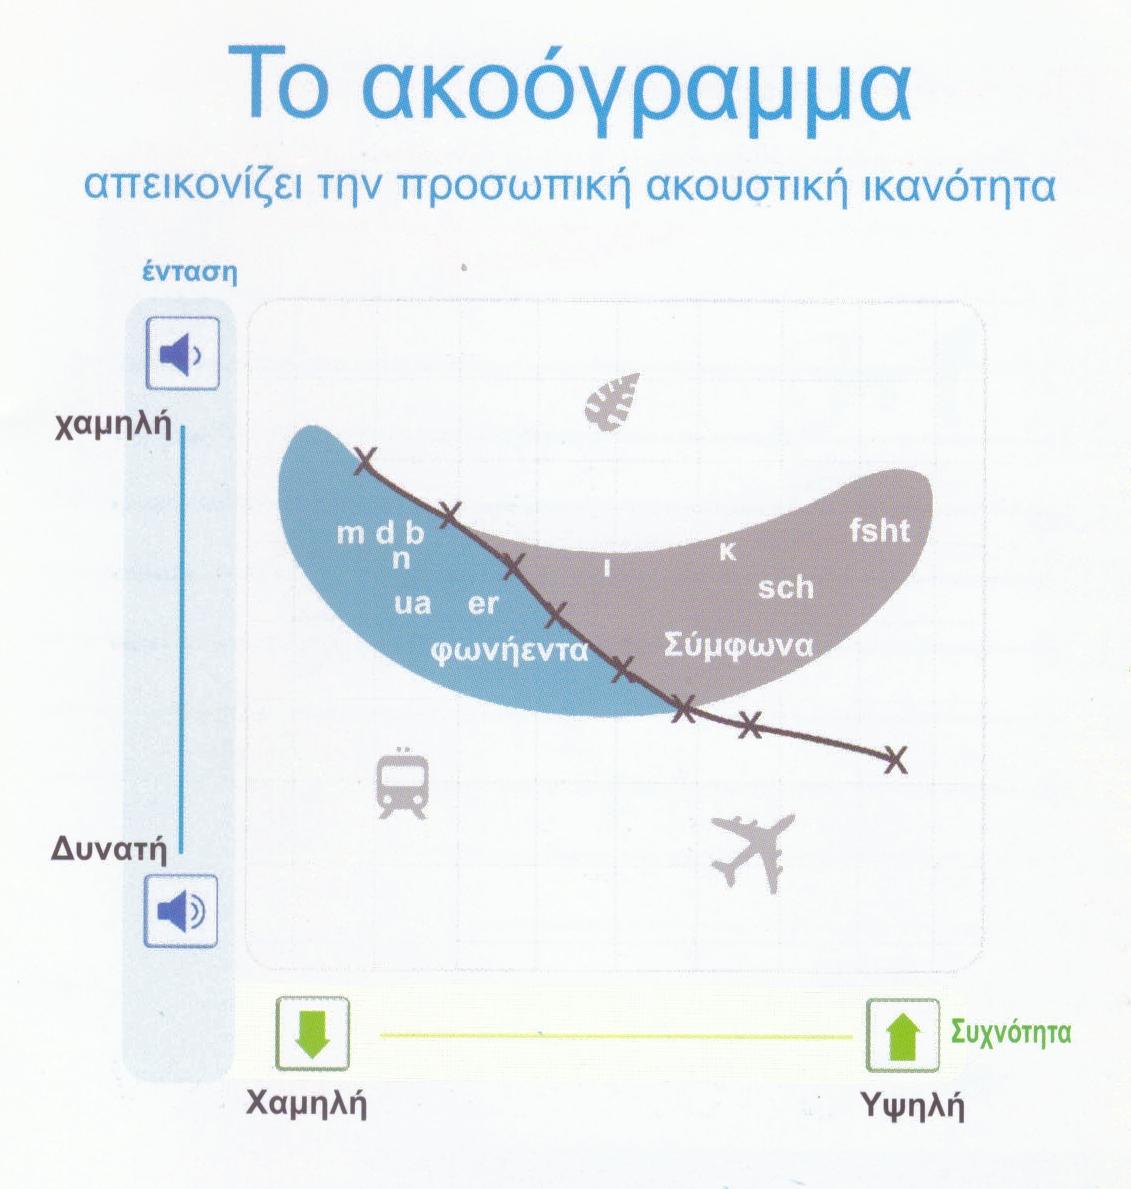 Ακοόγραμμα